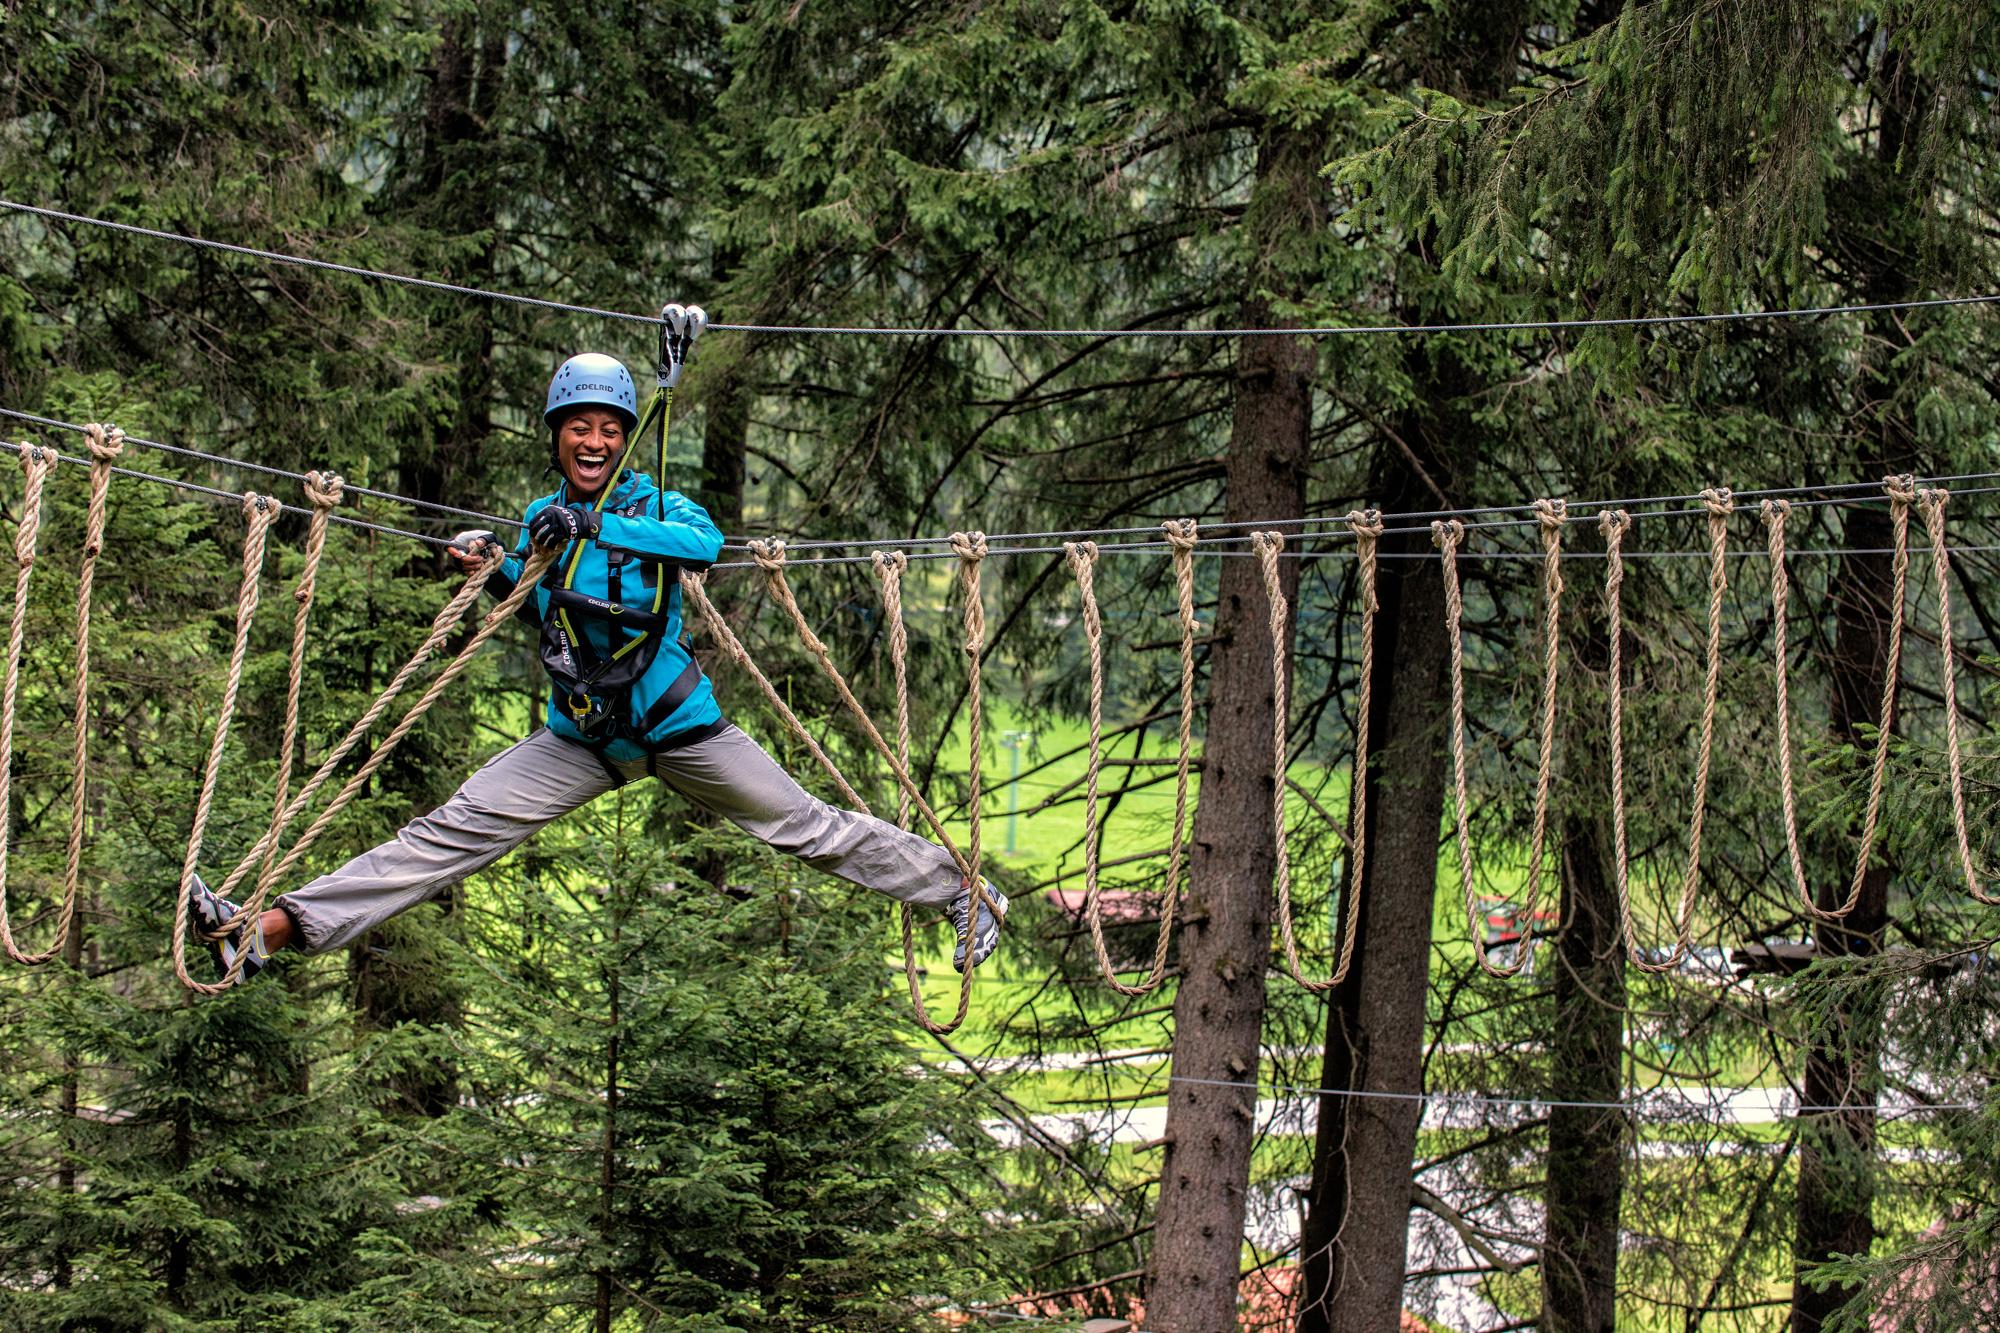 Klettersteig Set : Klettersteigset online kaufen bei sport conrad